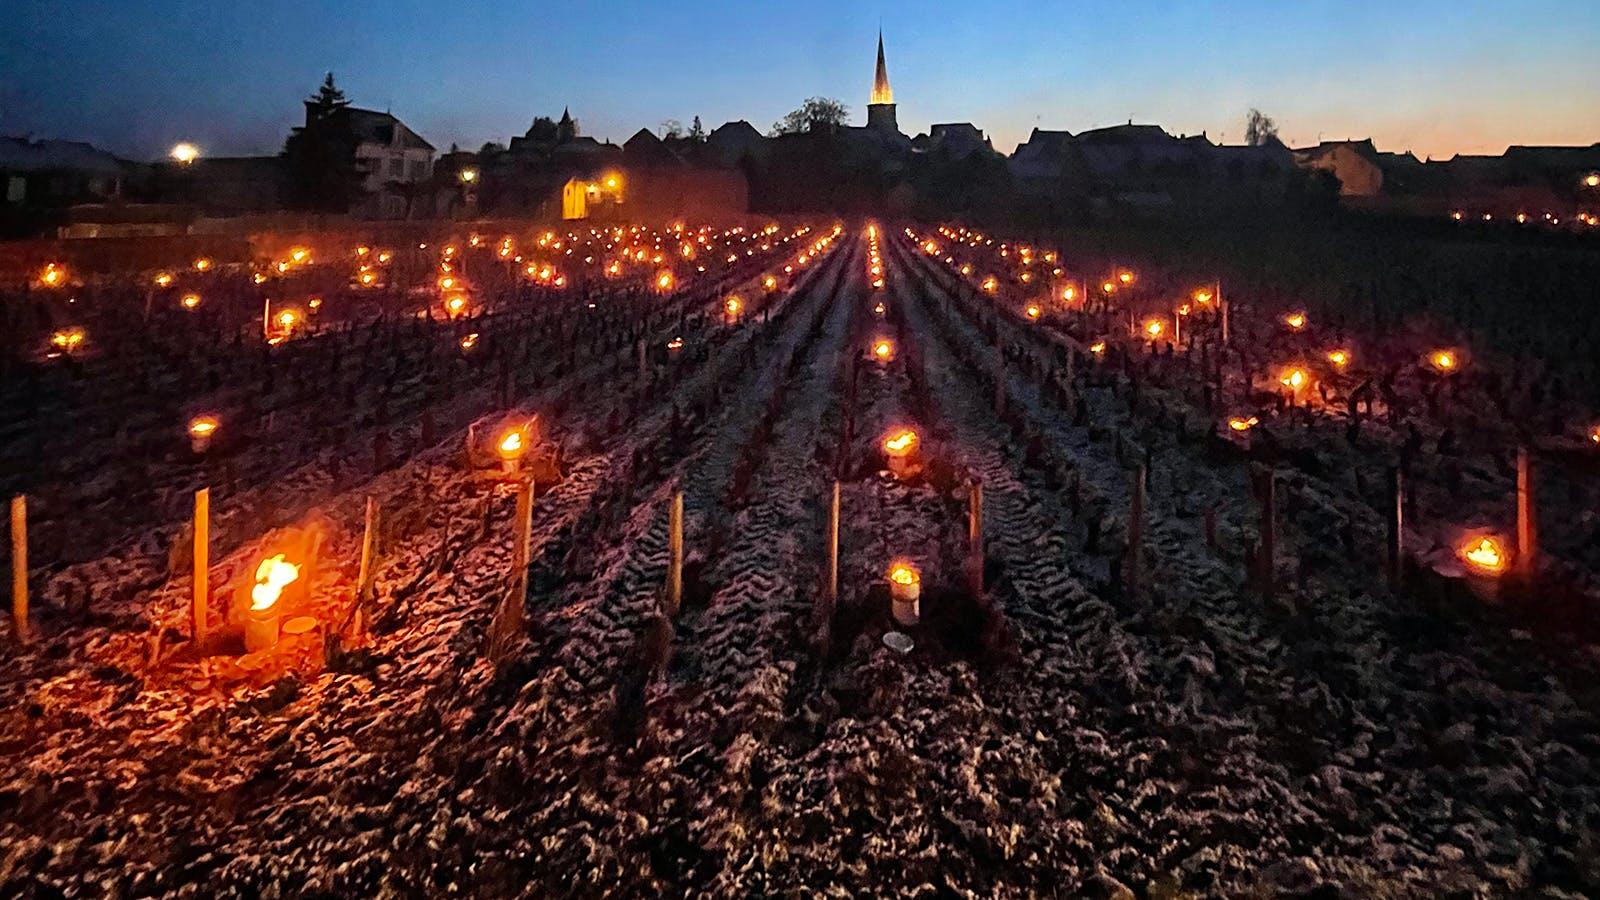 Severe April Frost Damages Budding Vines in France